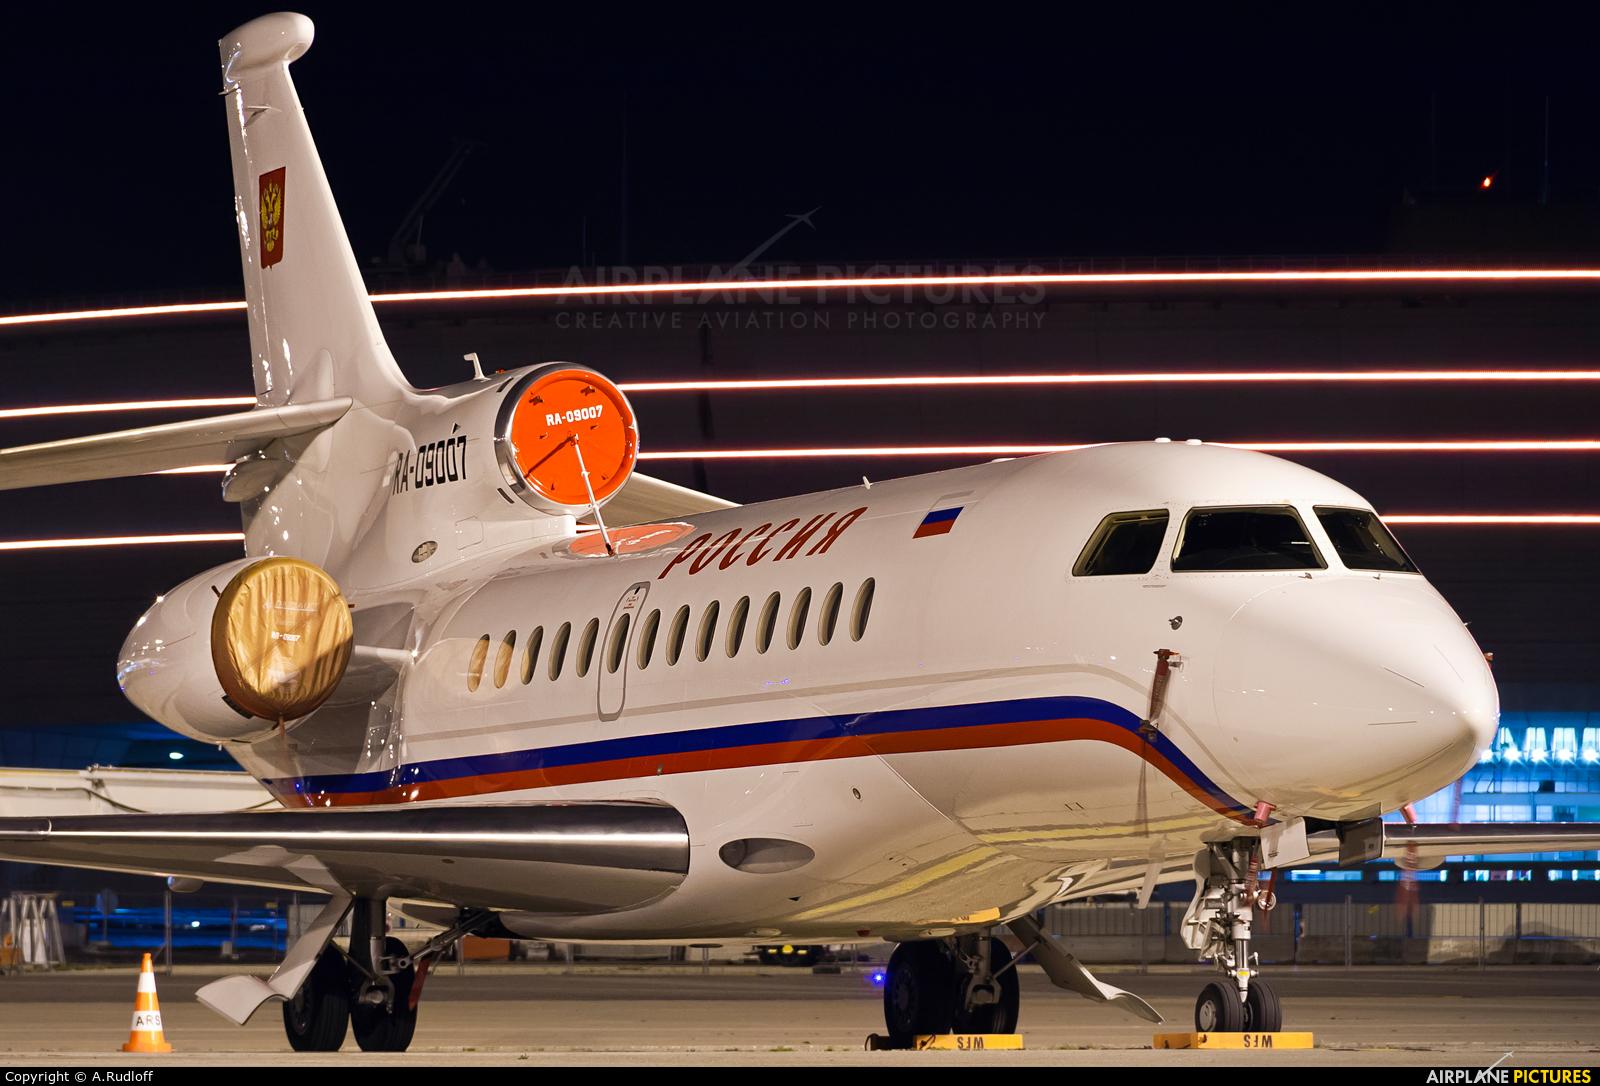 Rossiya RA-09007 aircraft at Paris - Charles de Gaulle